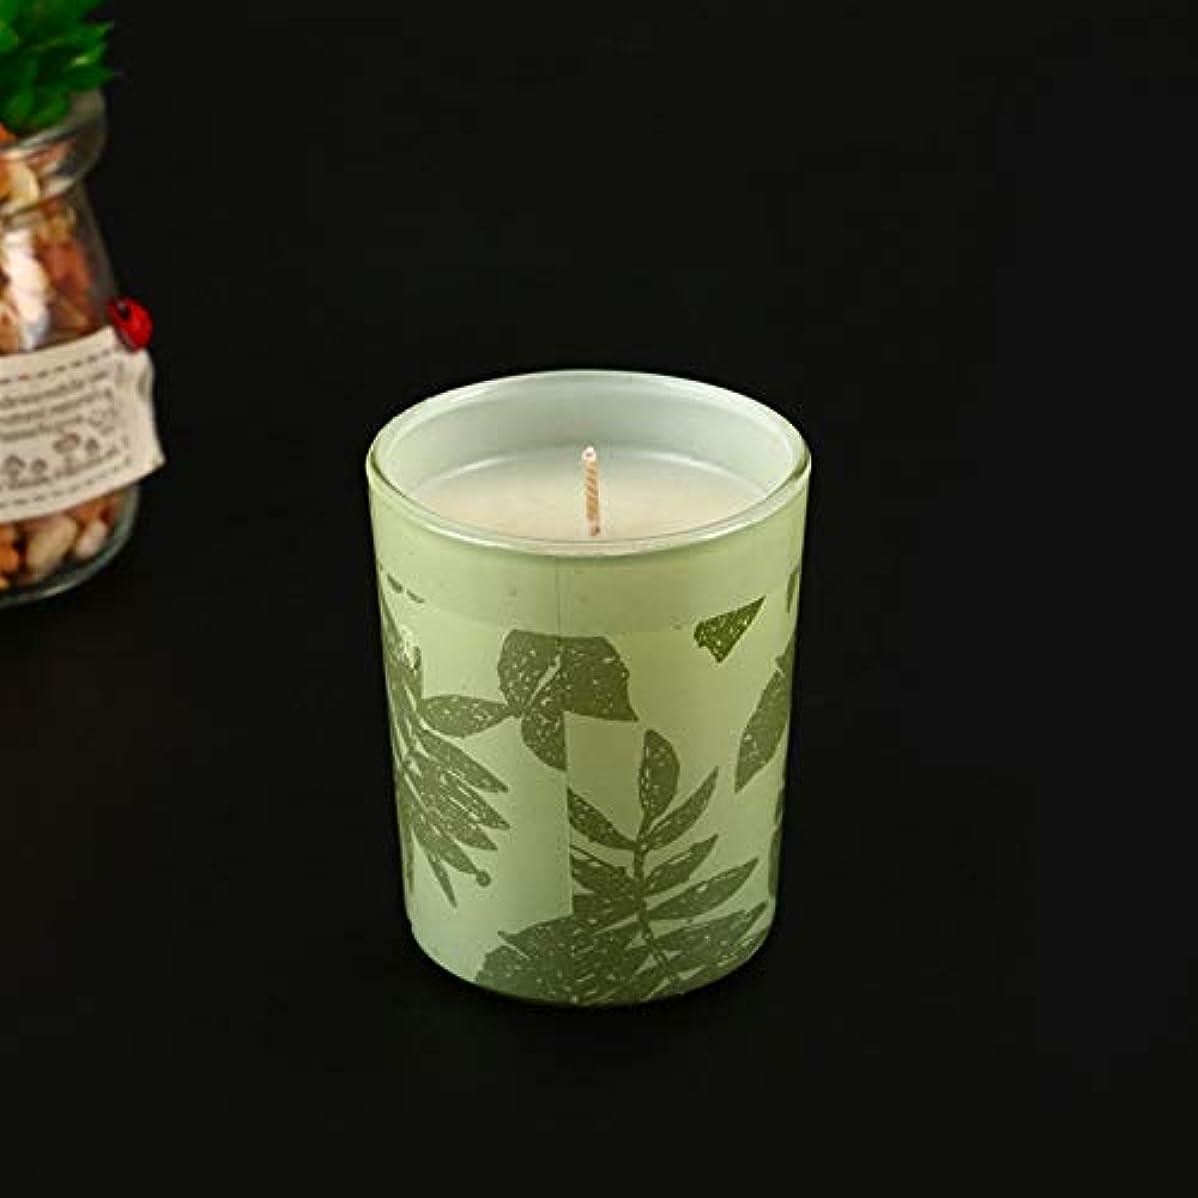 着替える画家先史時代のZtian アロマセラピーキャンドルガラス香料入りキャンドル無煙大豆キャンドル誕生日キャンドル (色 : Green tea)